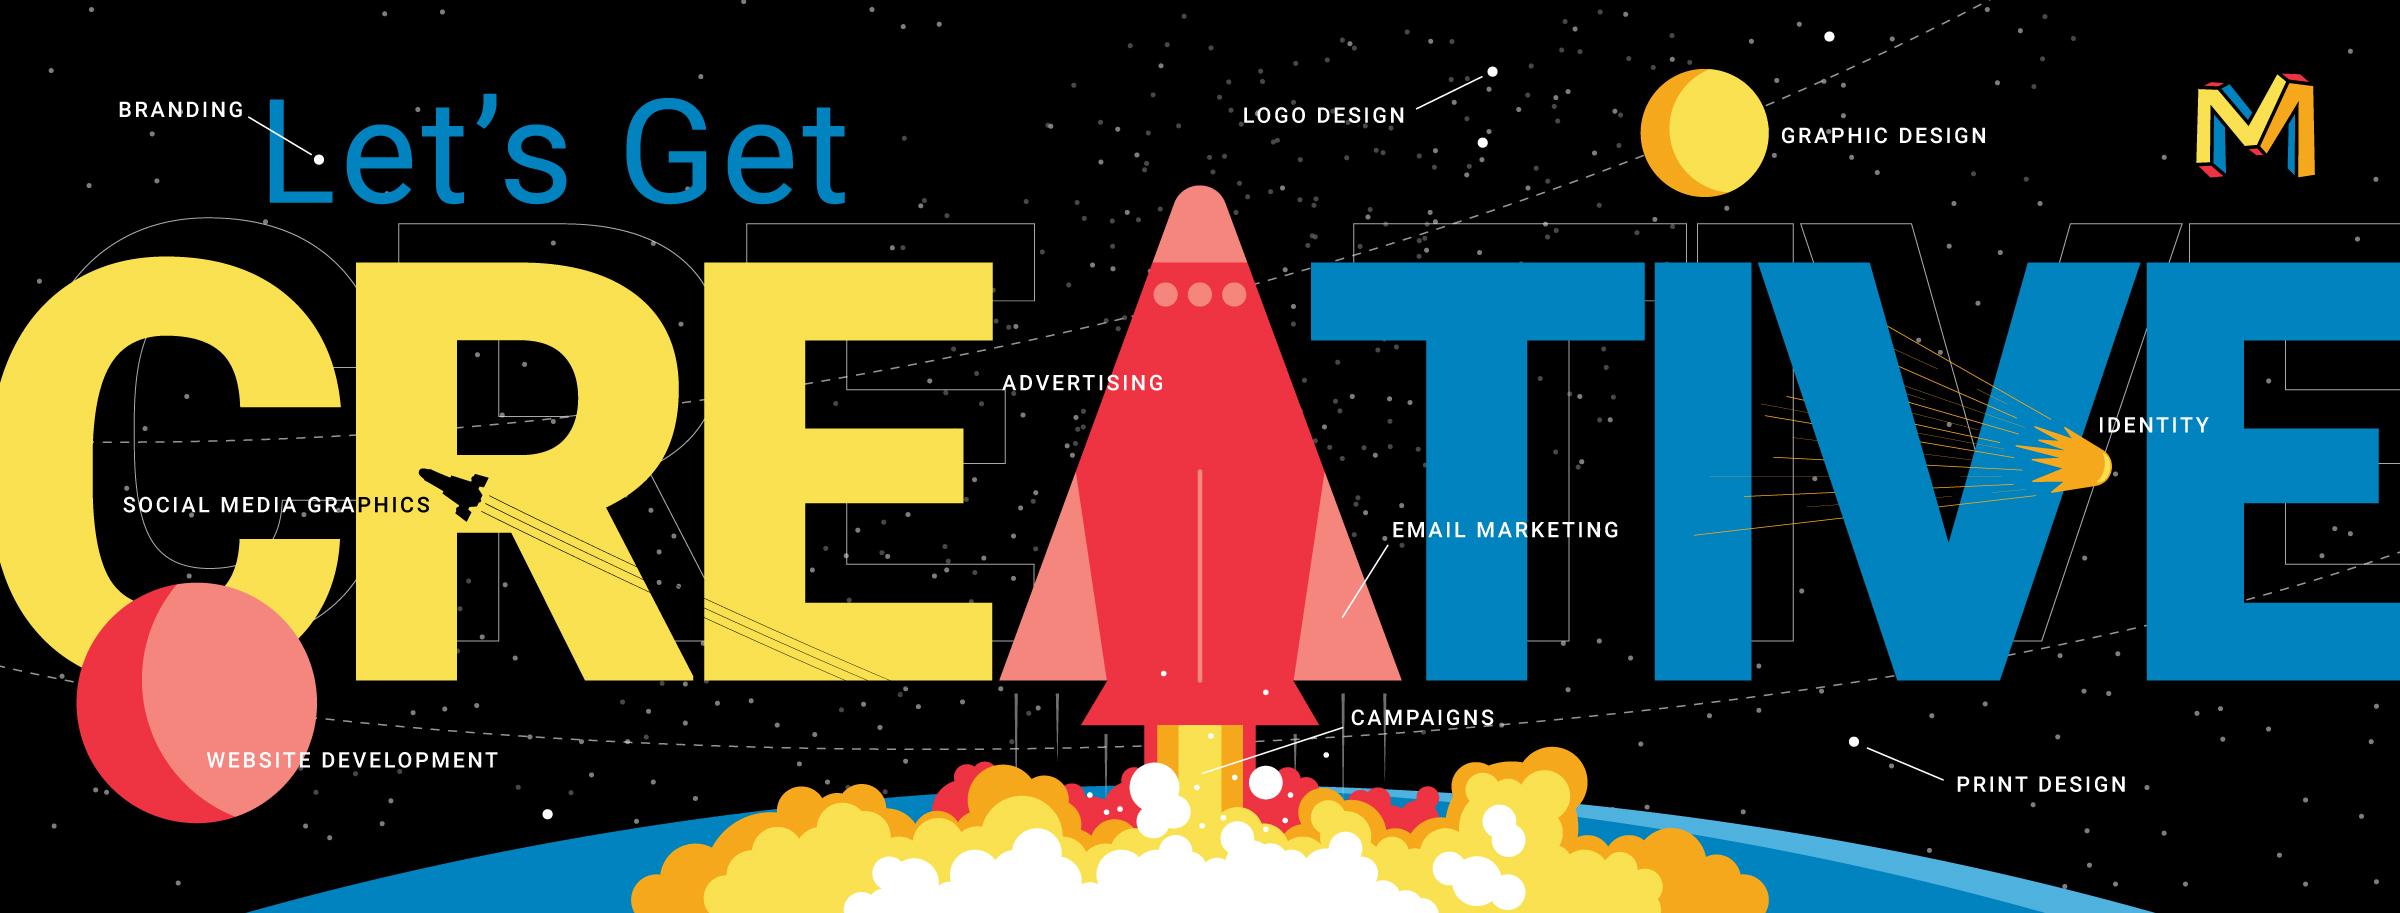 MattsDesigns - Let's Get Creative